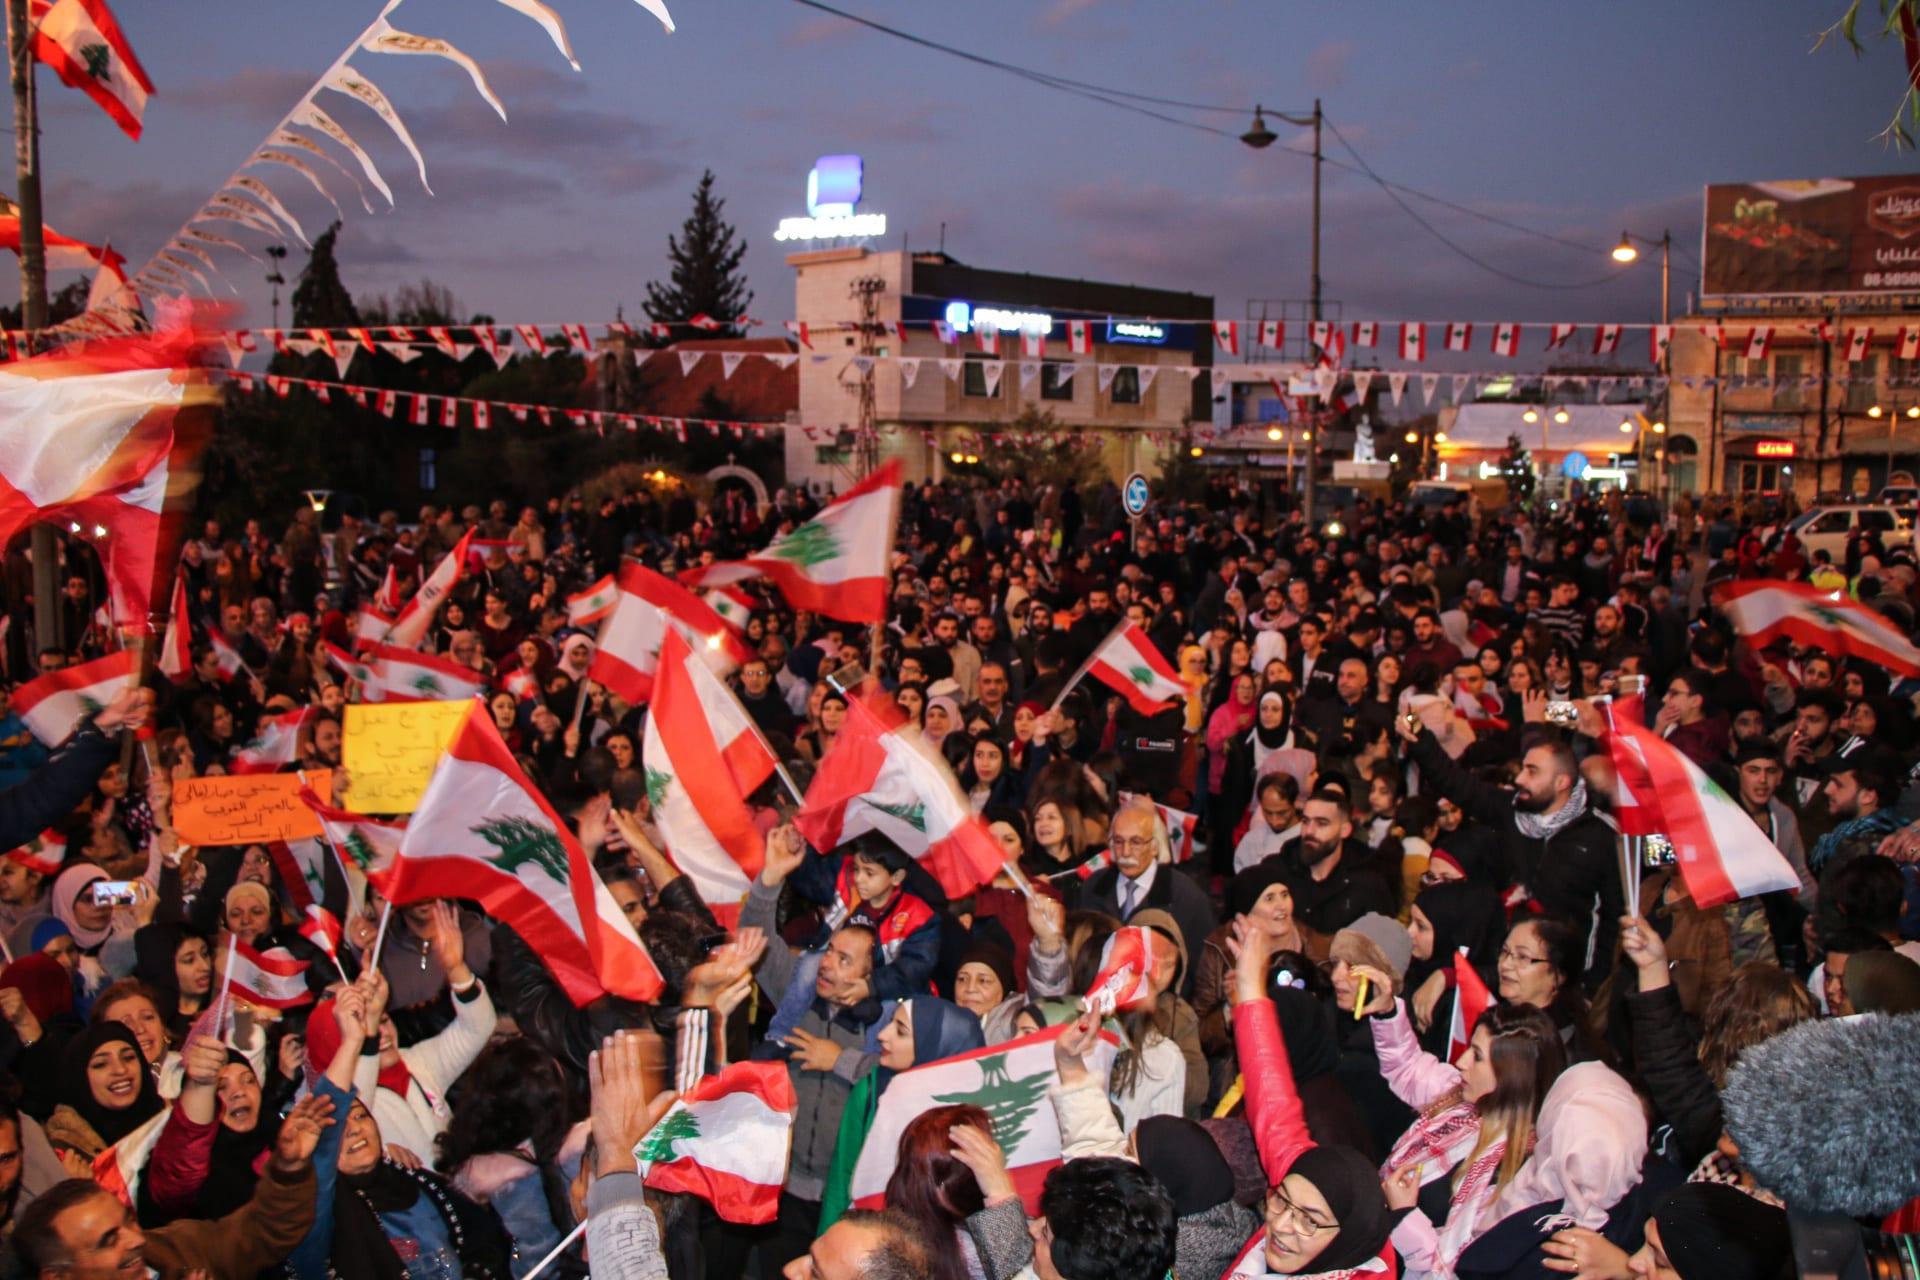 متظاهرون لبنانيون مناهضون للحكومة يستمعون لمارسيل خليفة خلال تجمع في ميدان خليل مطران في بعلبك